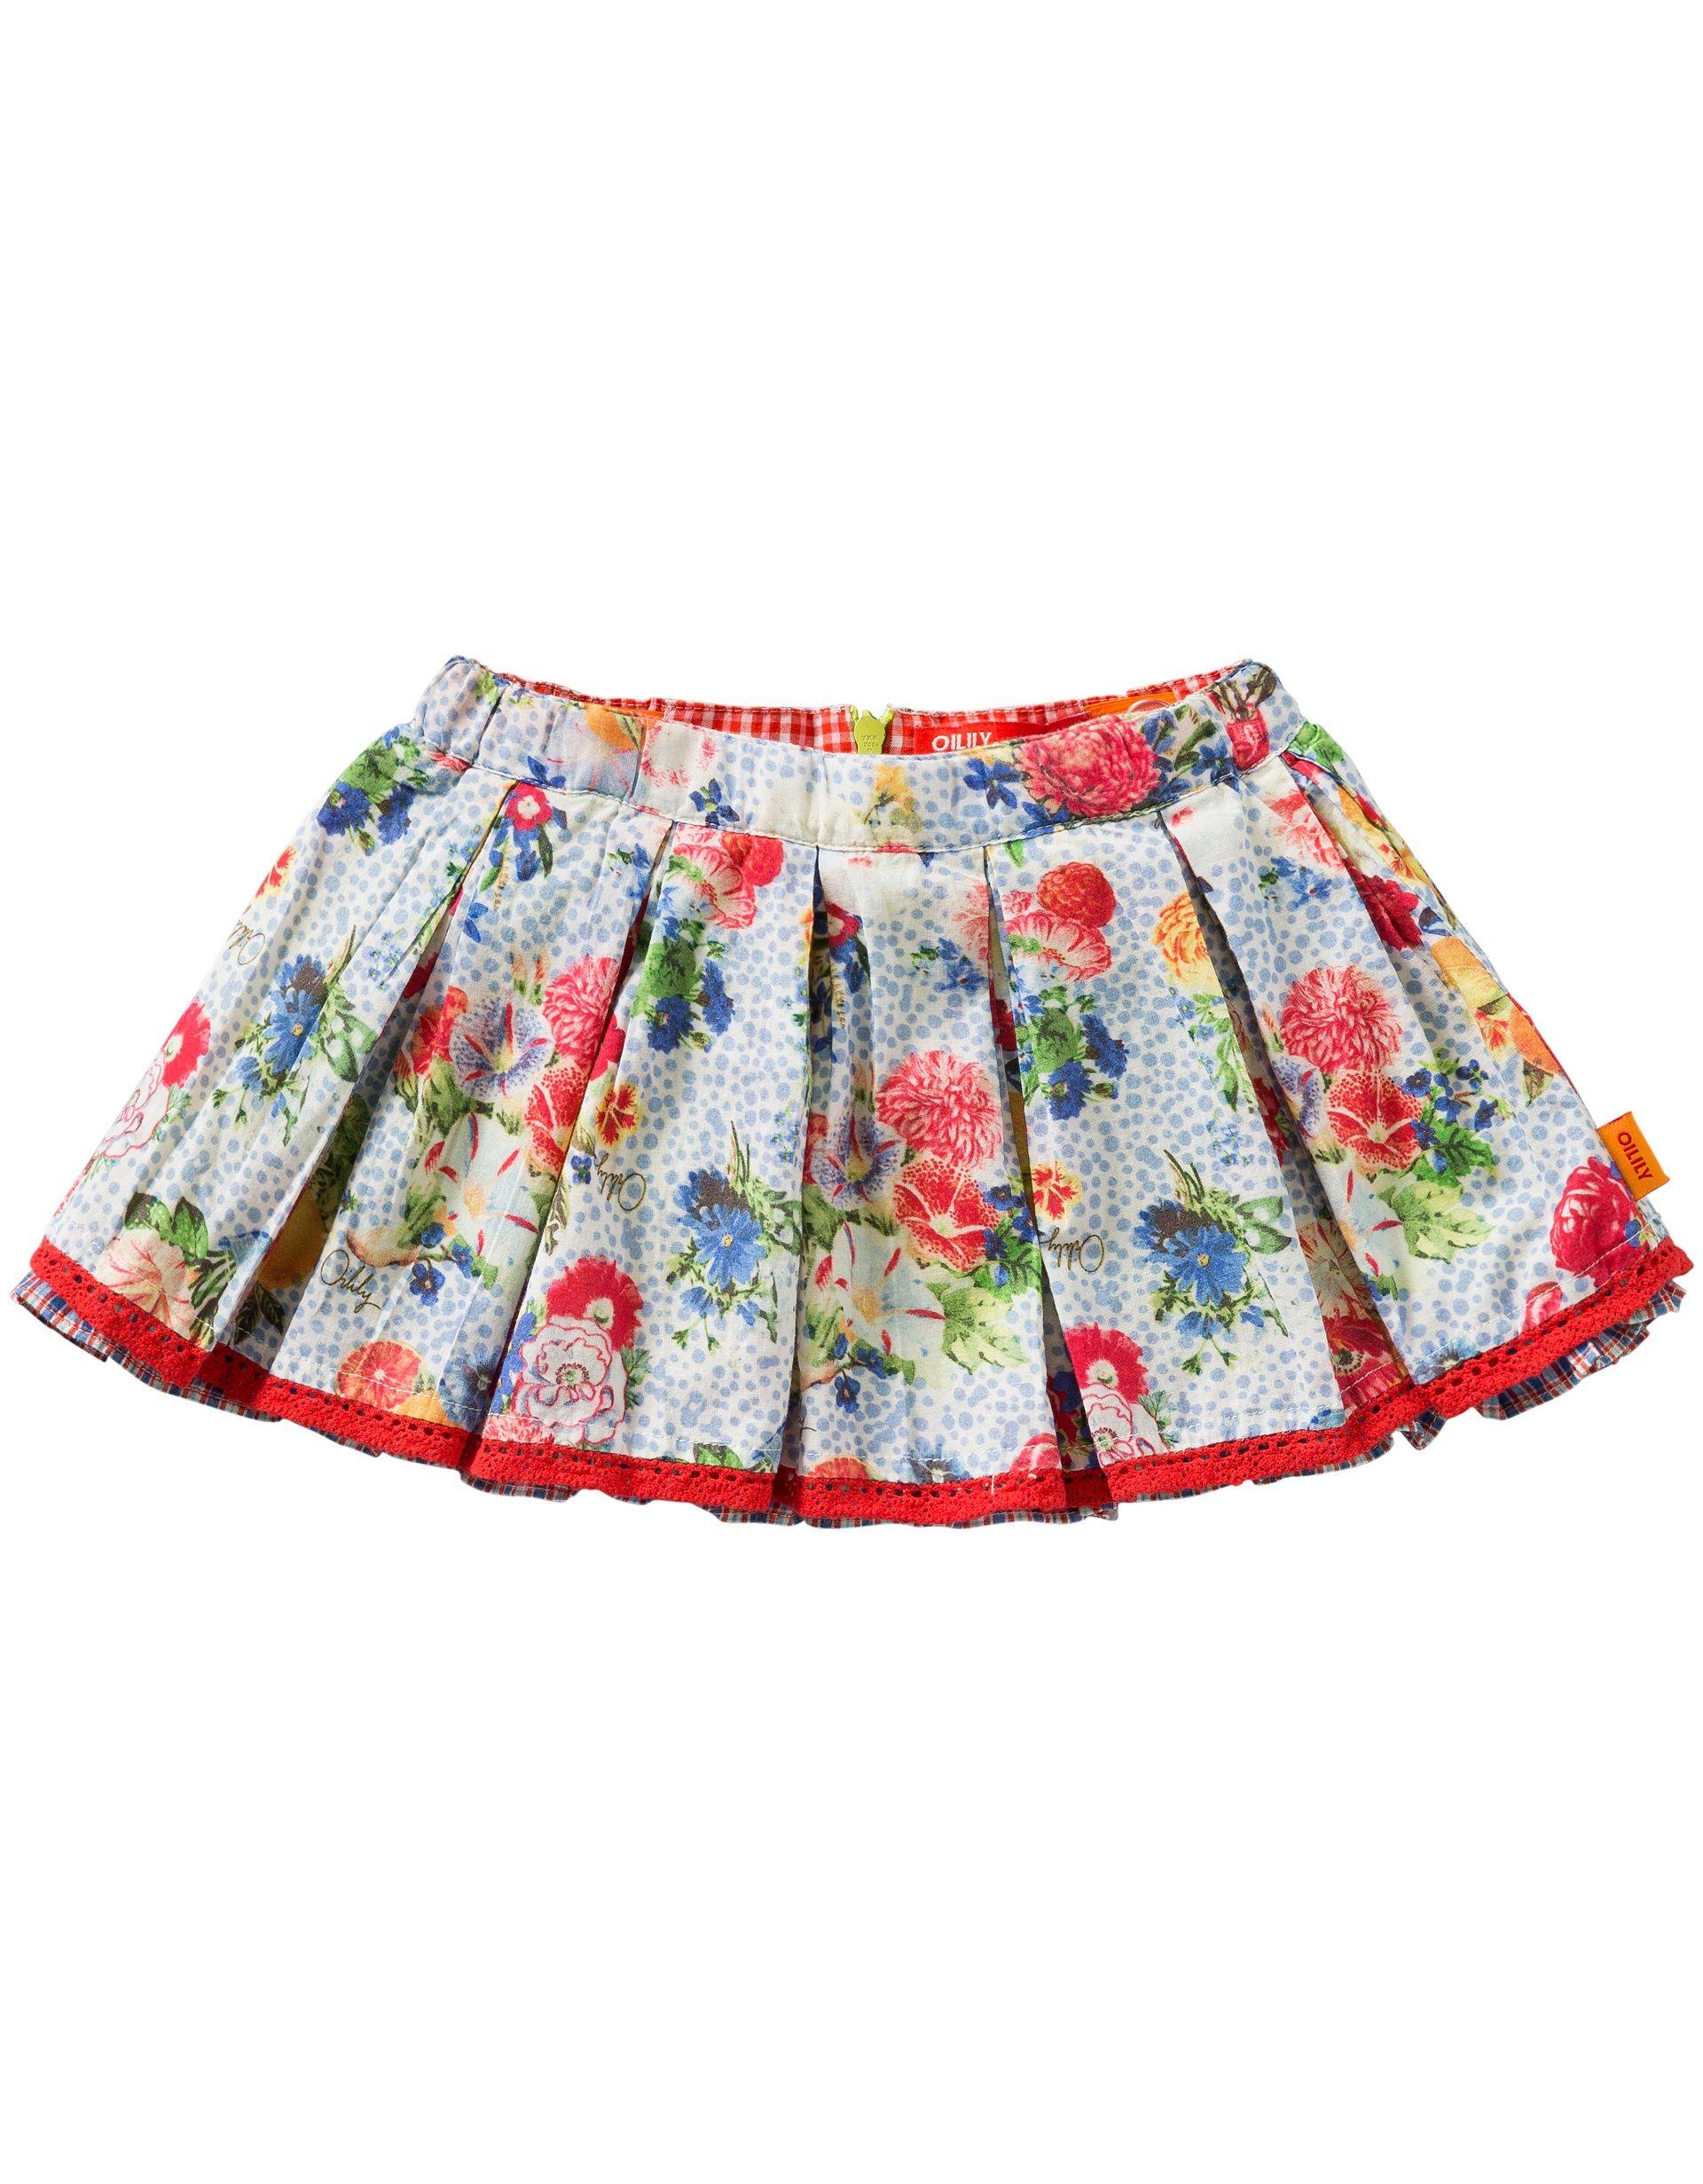 OILILY Children s Wear Spring Summer 2014 Soetje skirt